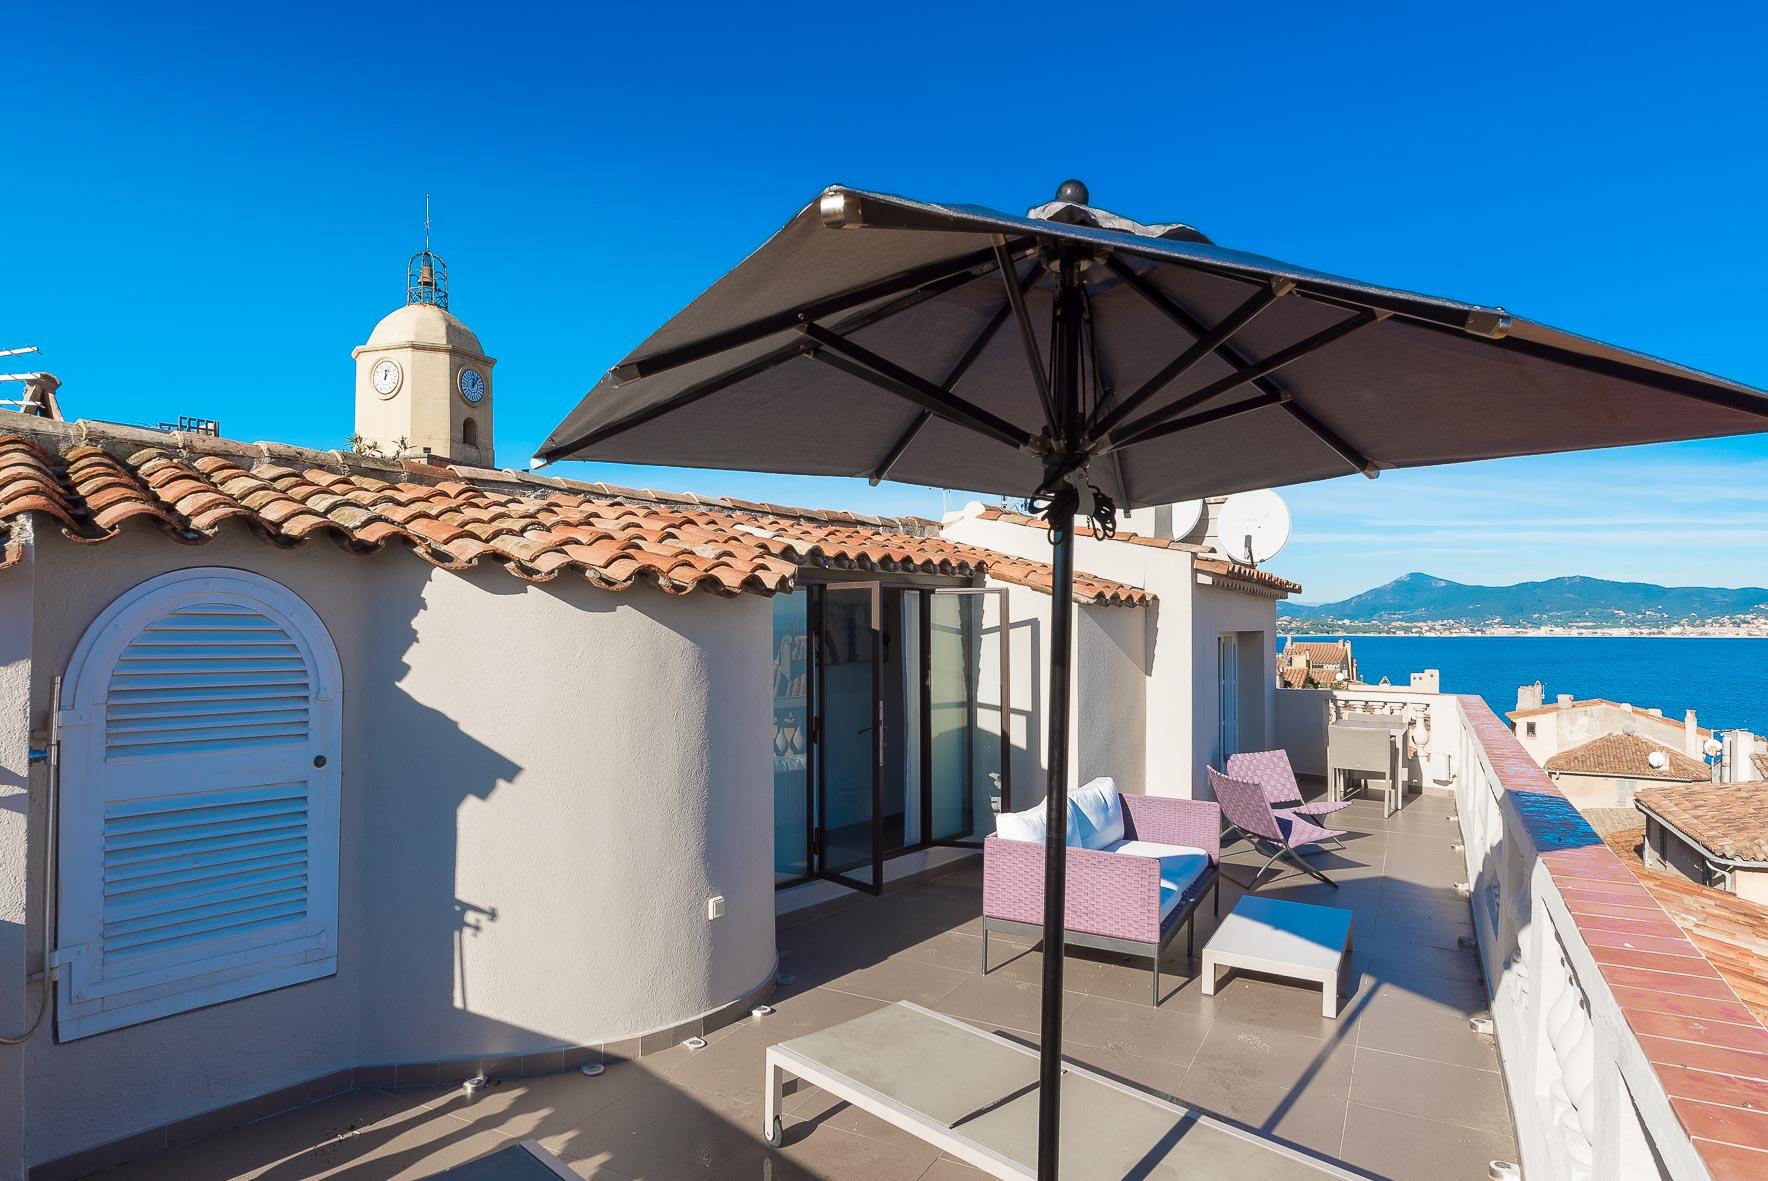 Les Remparts villa overview image